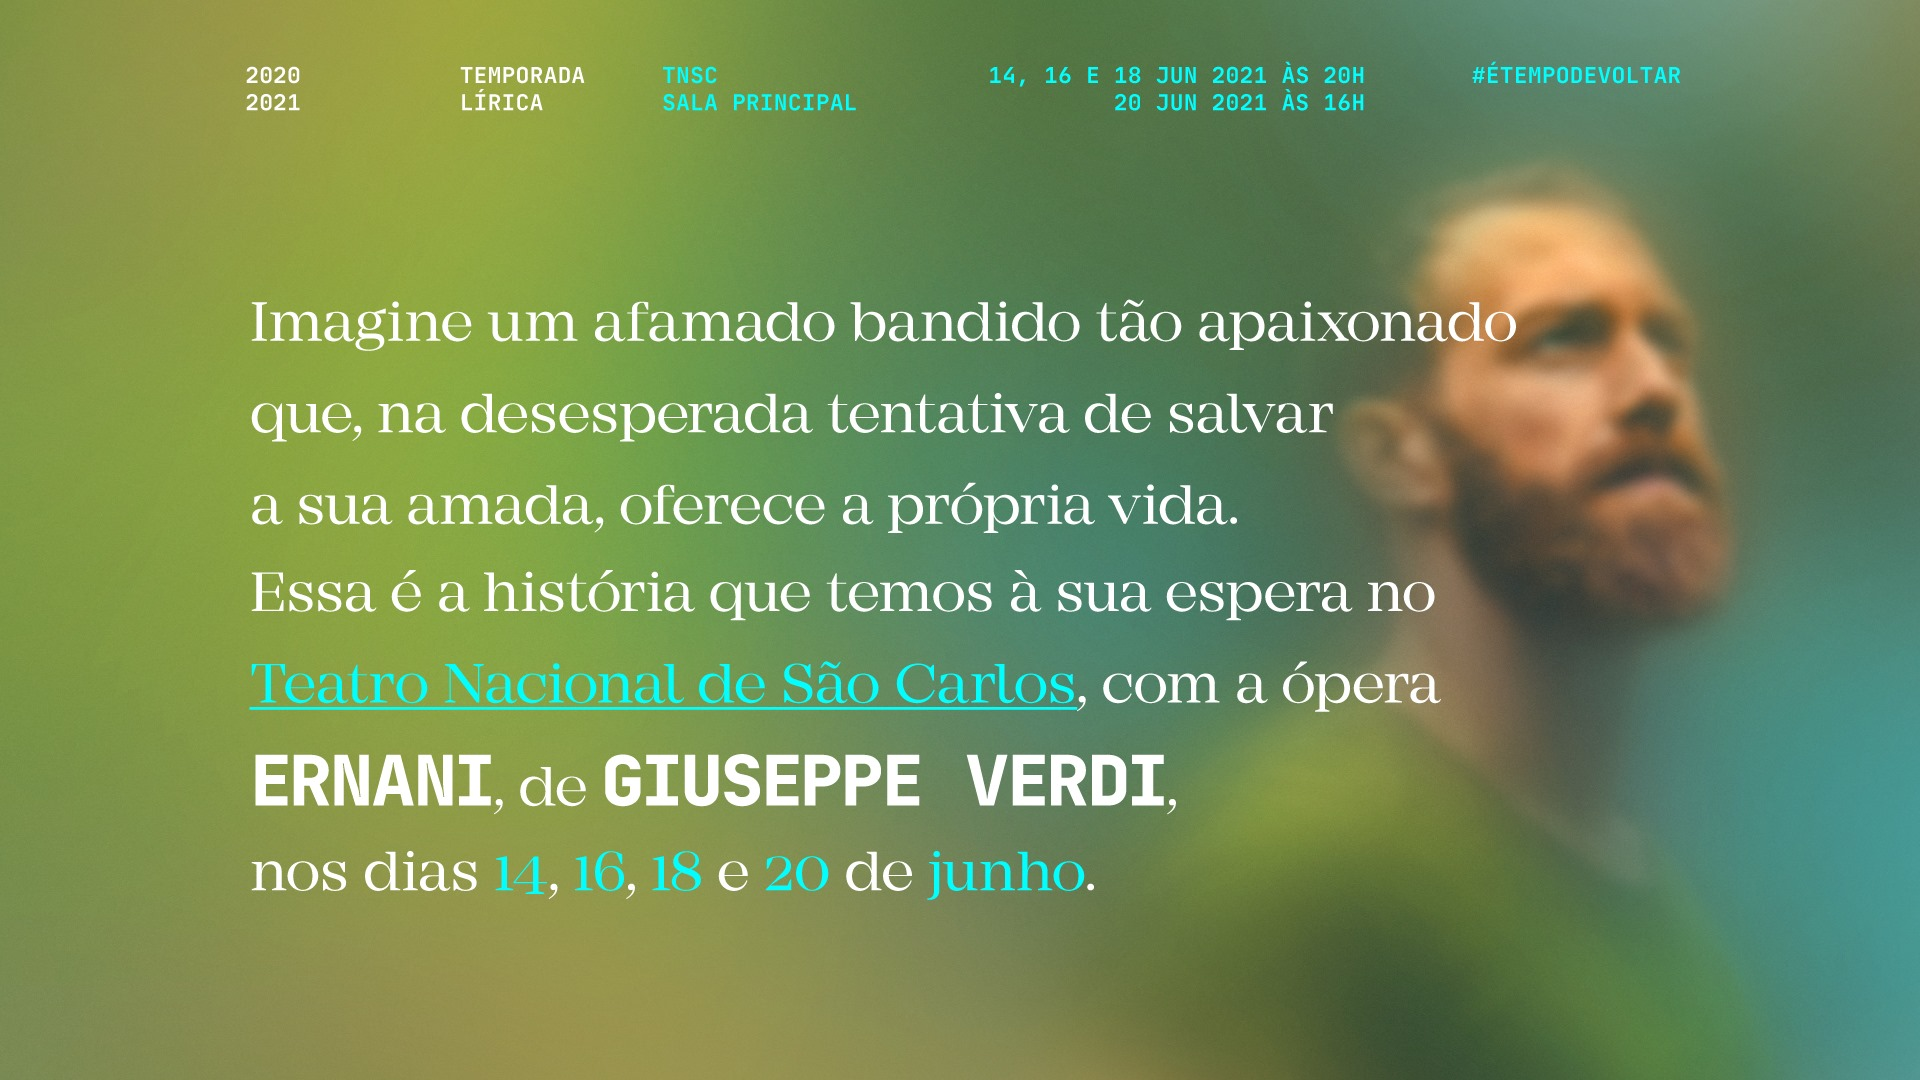 Ernani, de Giuseppe Verdi